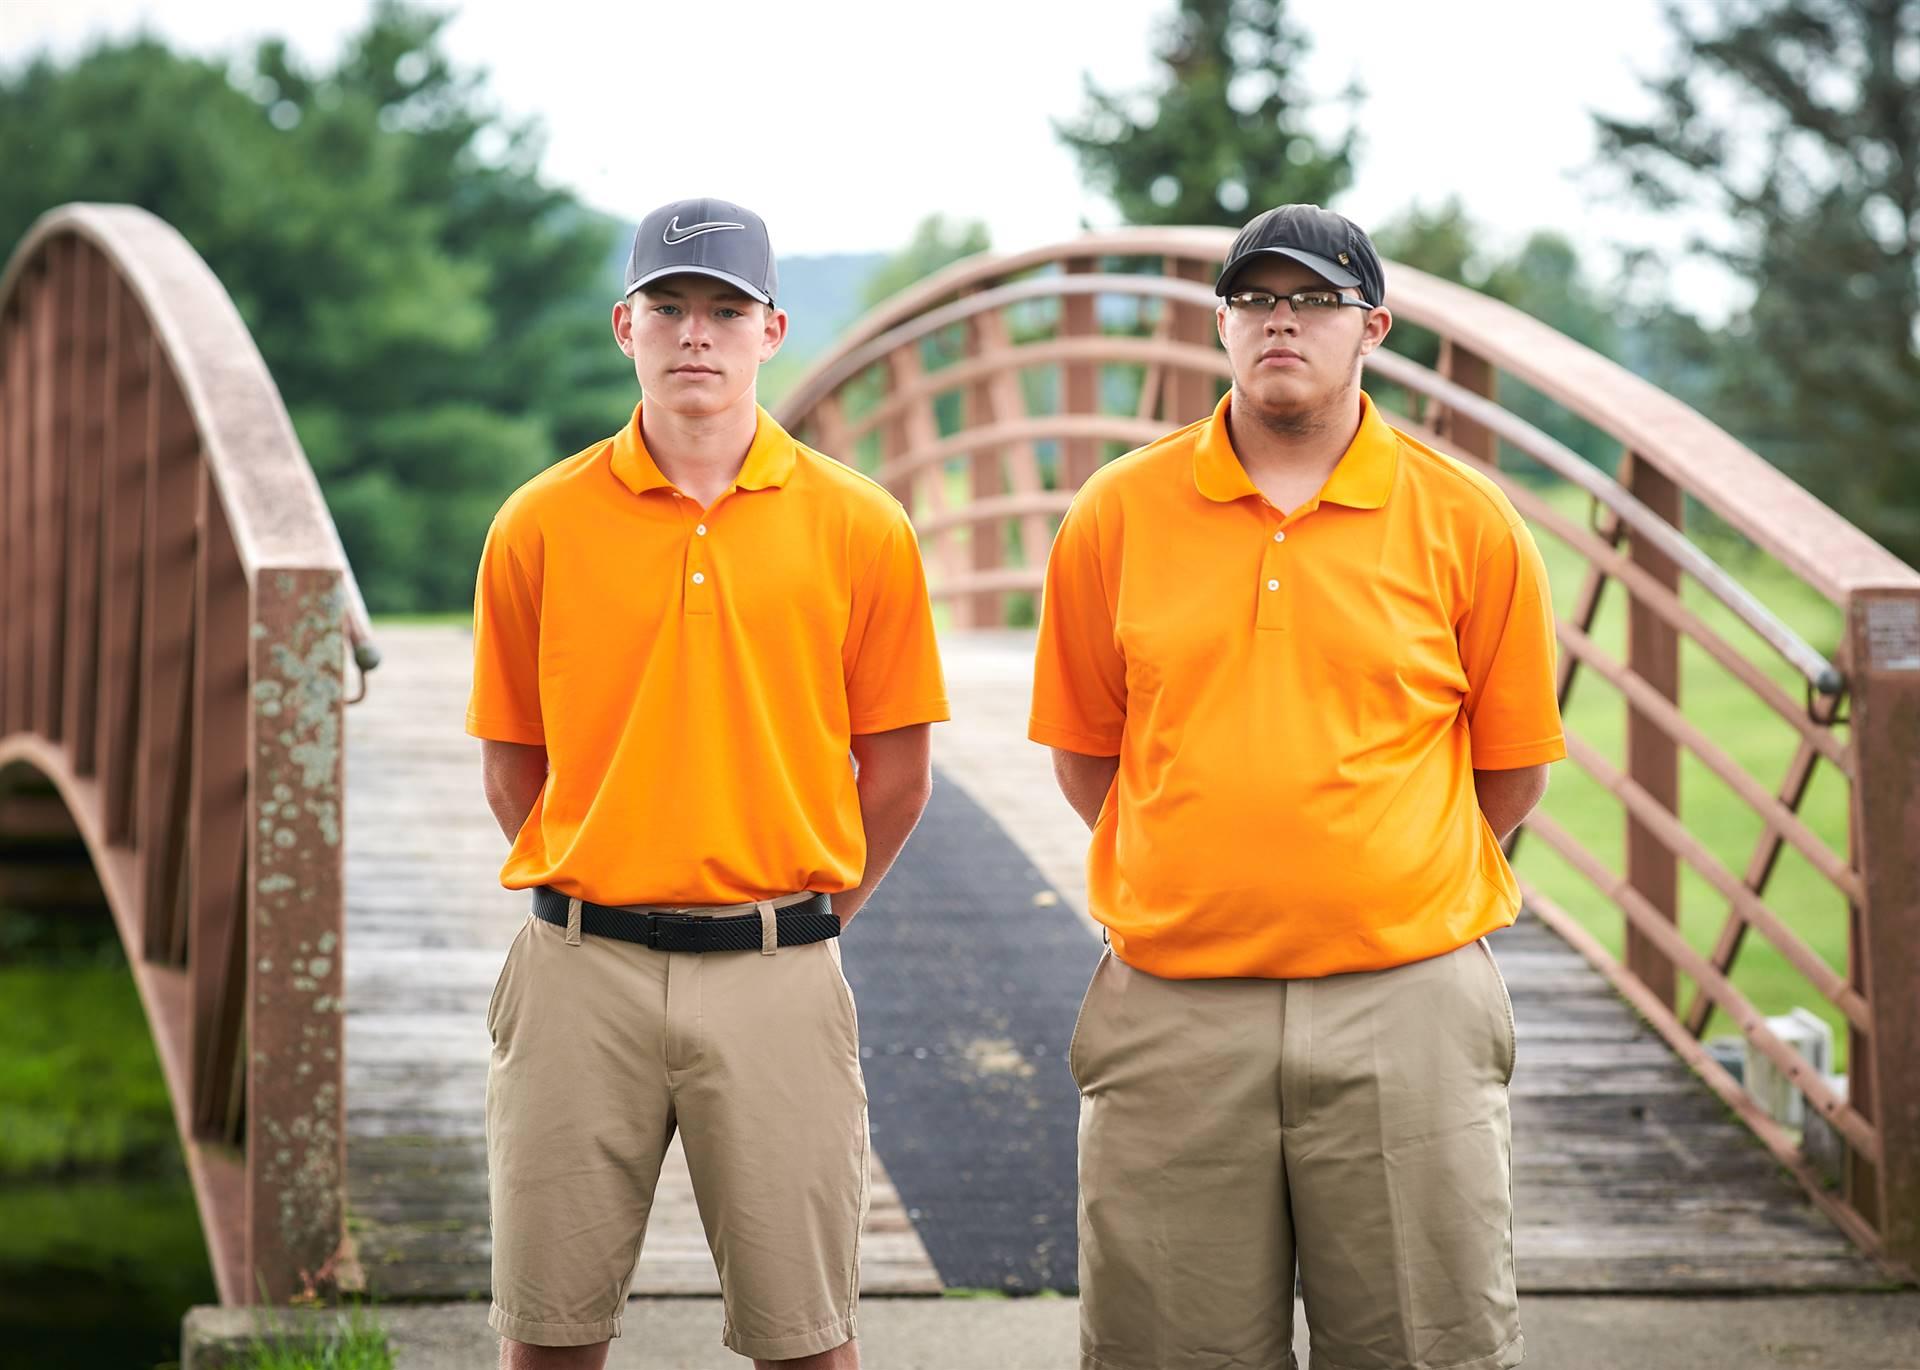 HS Boys Golf - Returning Lettermen